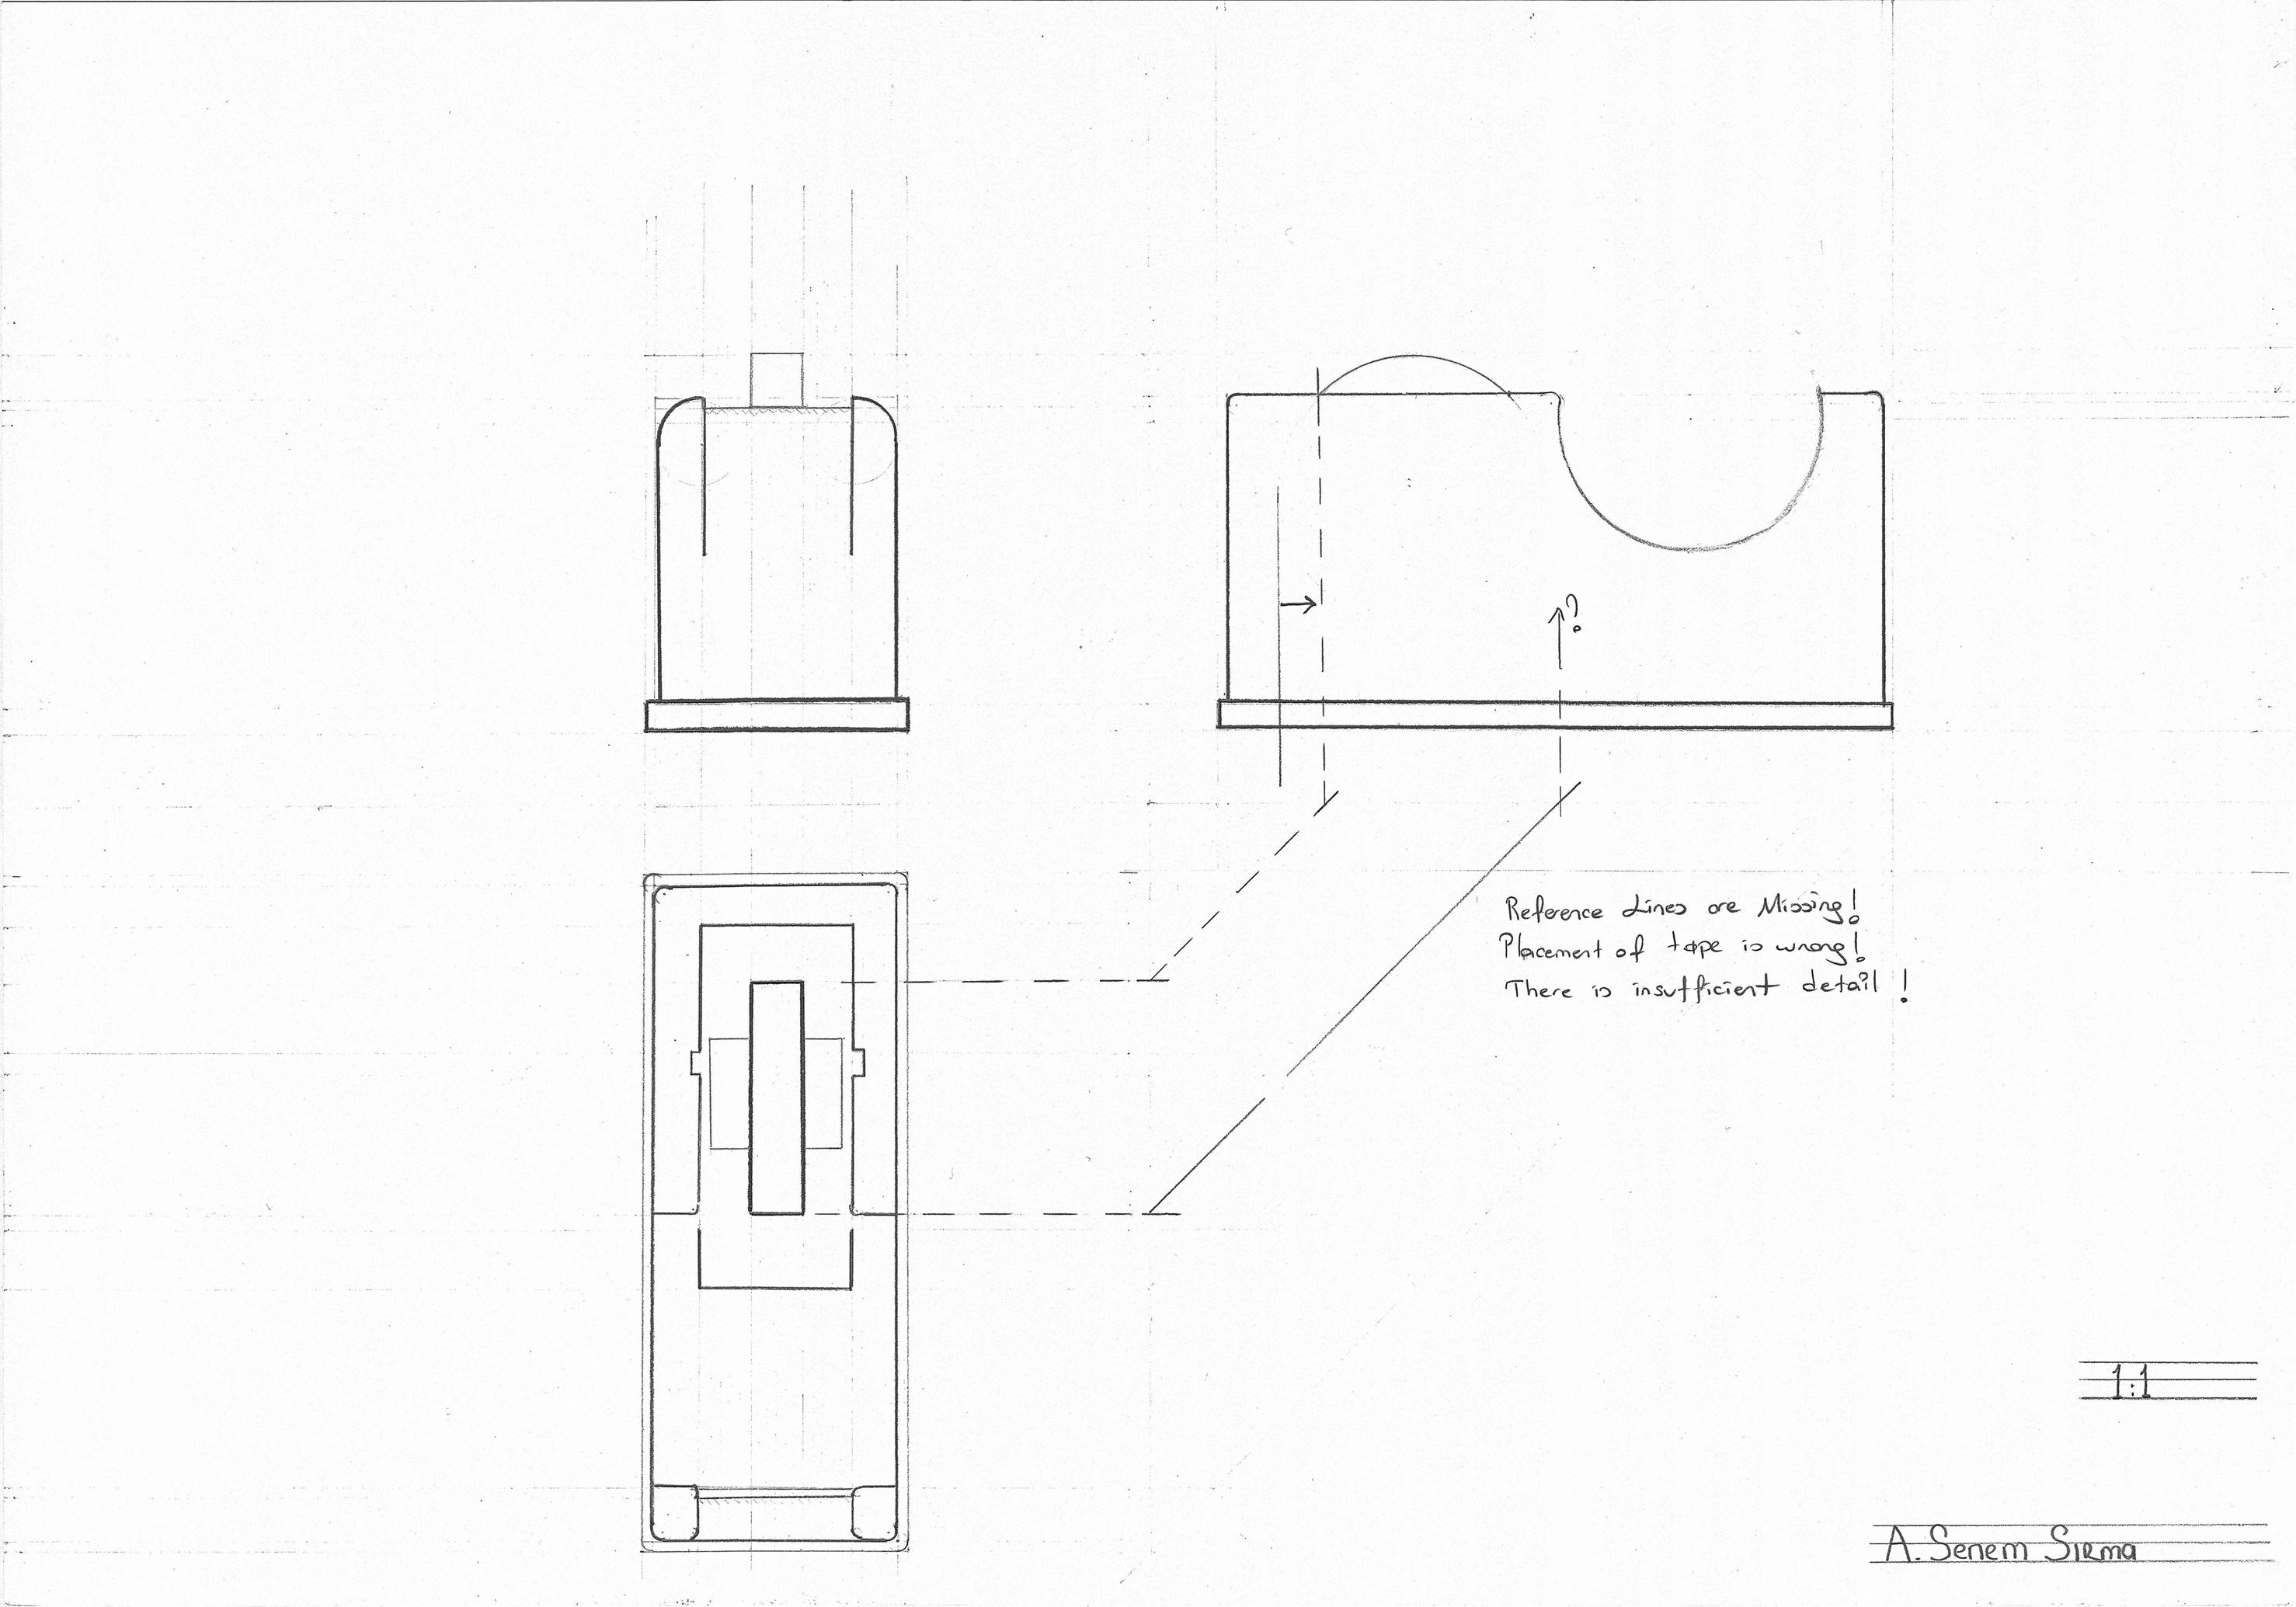 Arch 111 Senemsirma